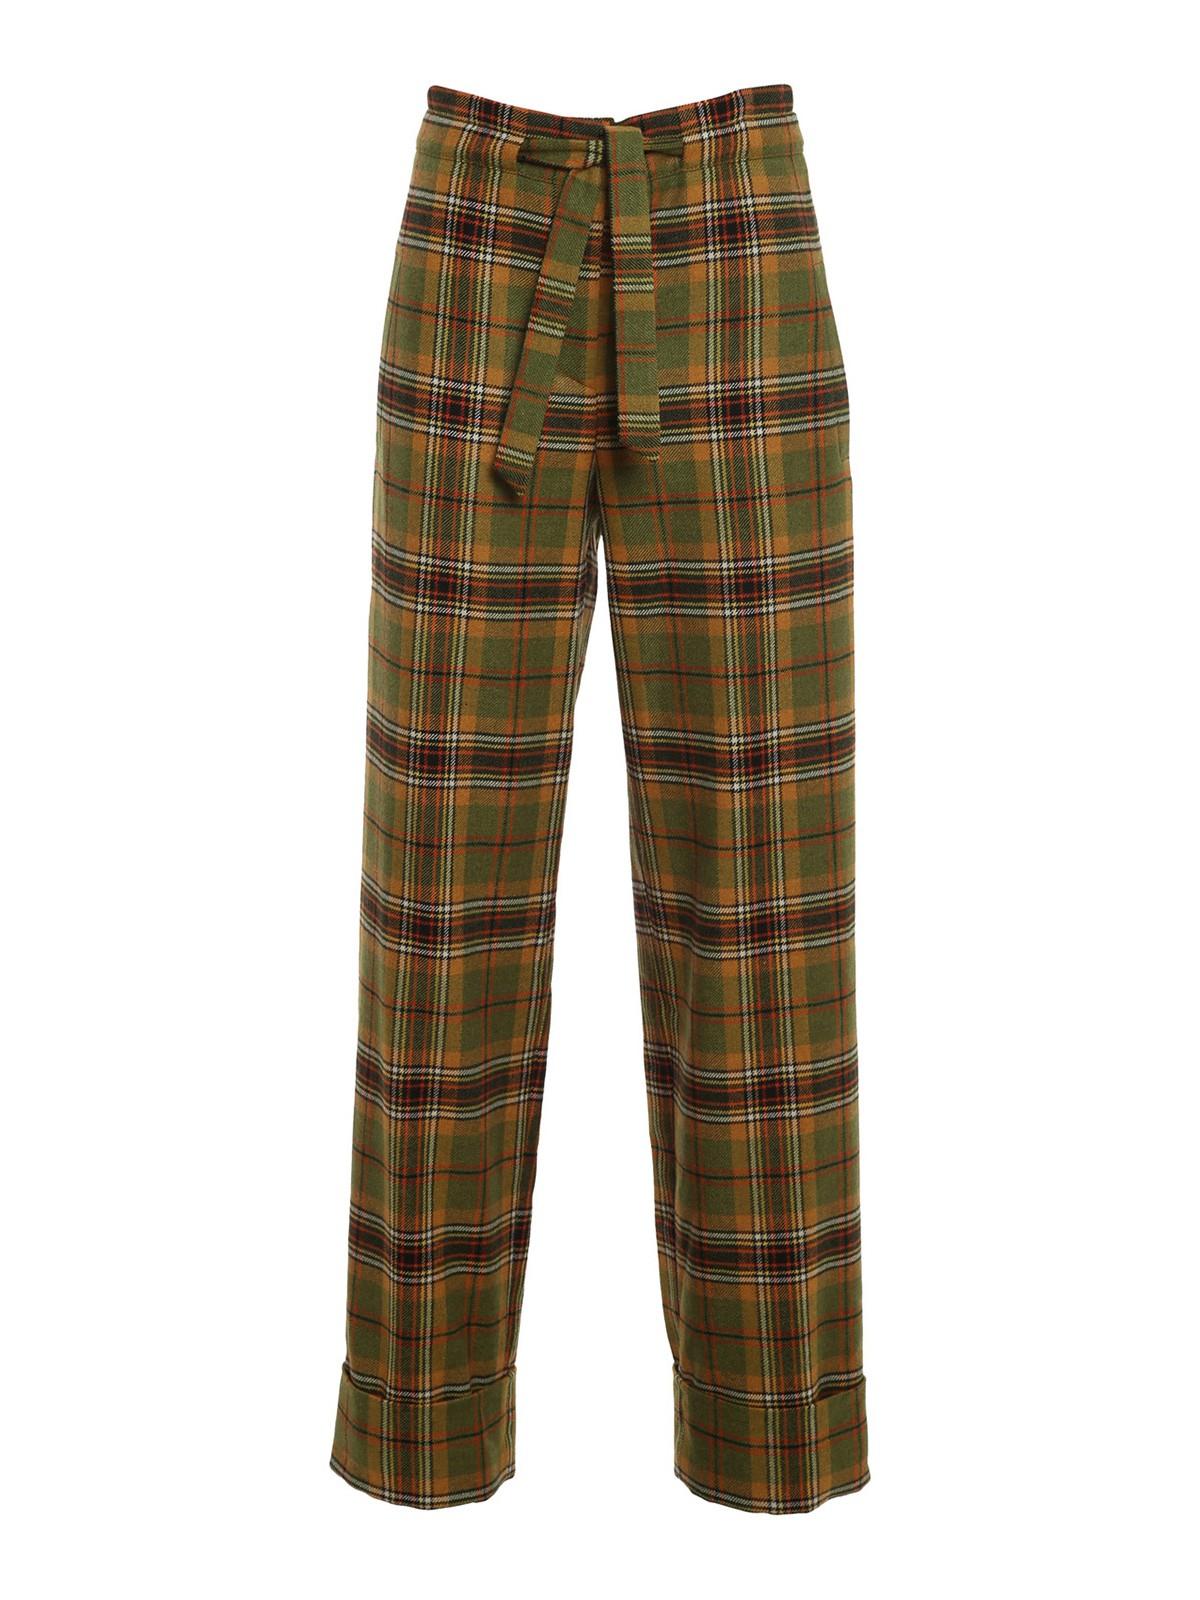 Alberta Ferretti Tartan Print Trousers In Green